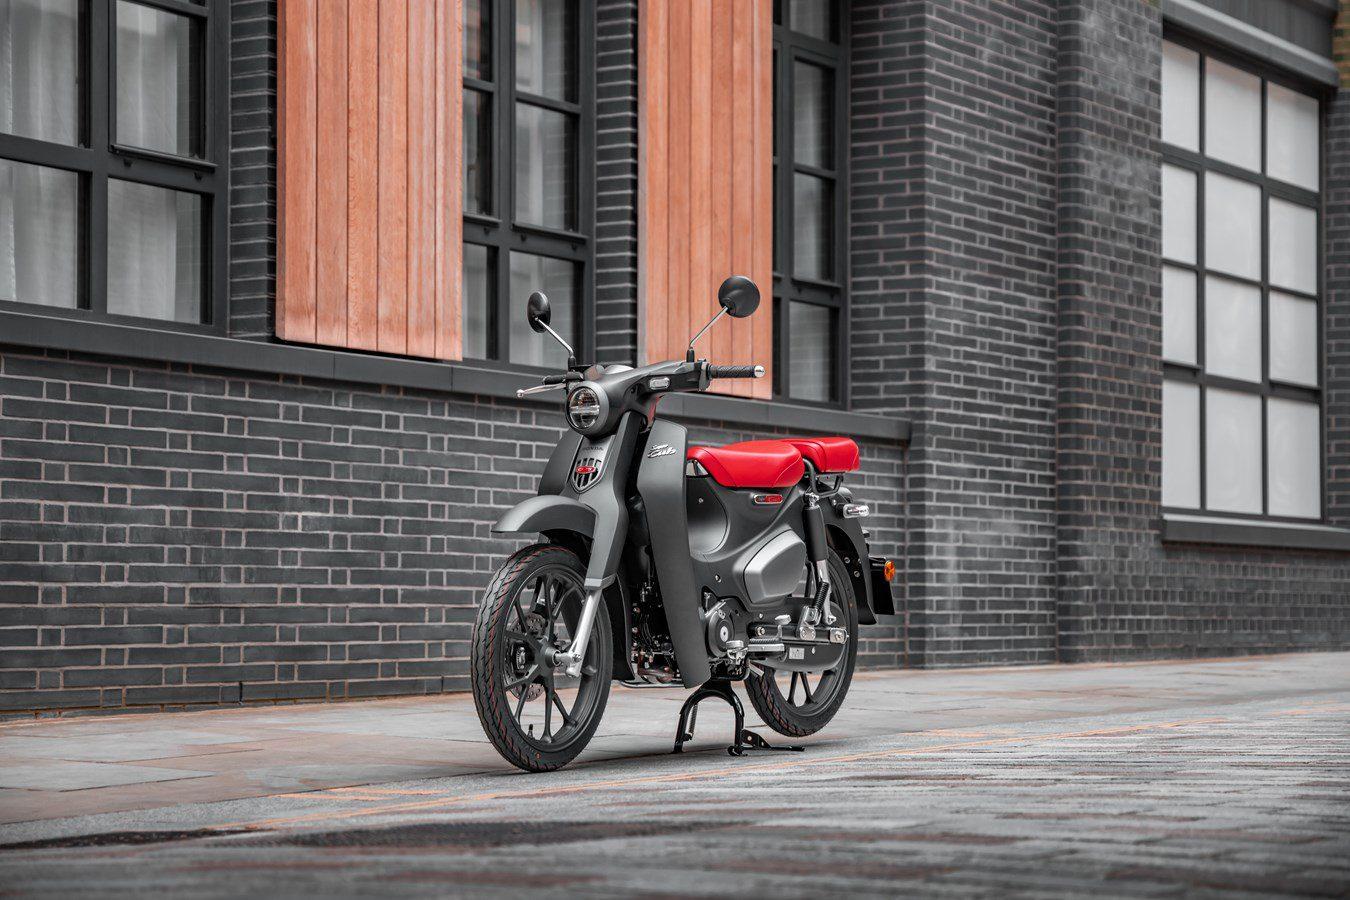 Nieuw! Honda Super Cub 125